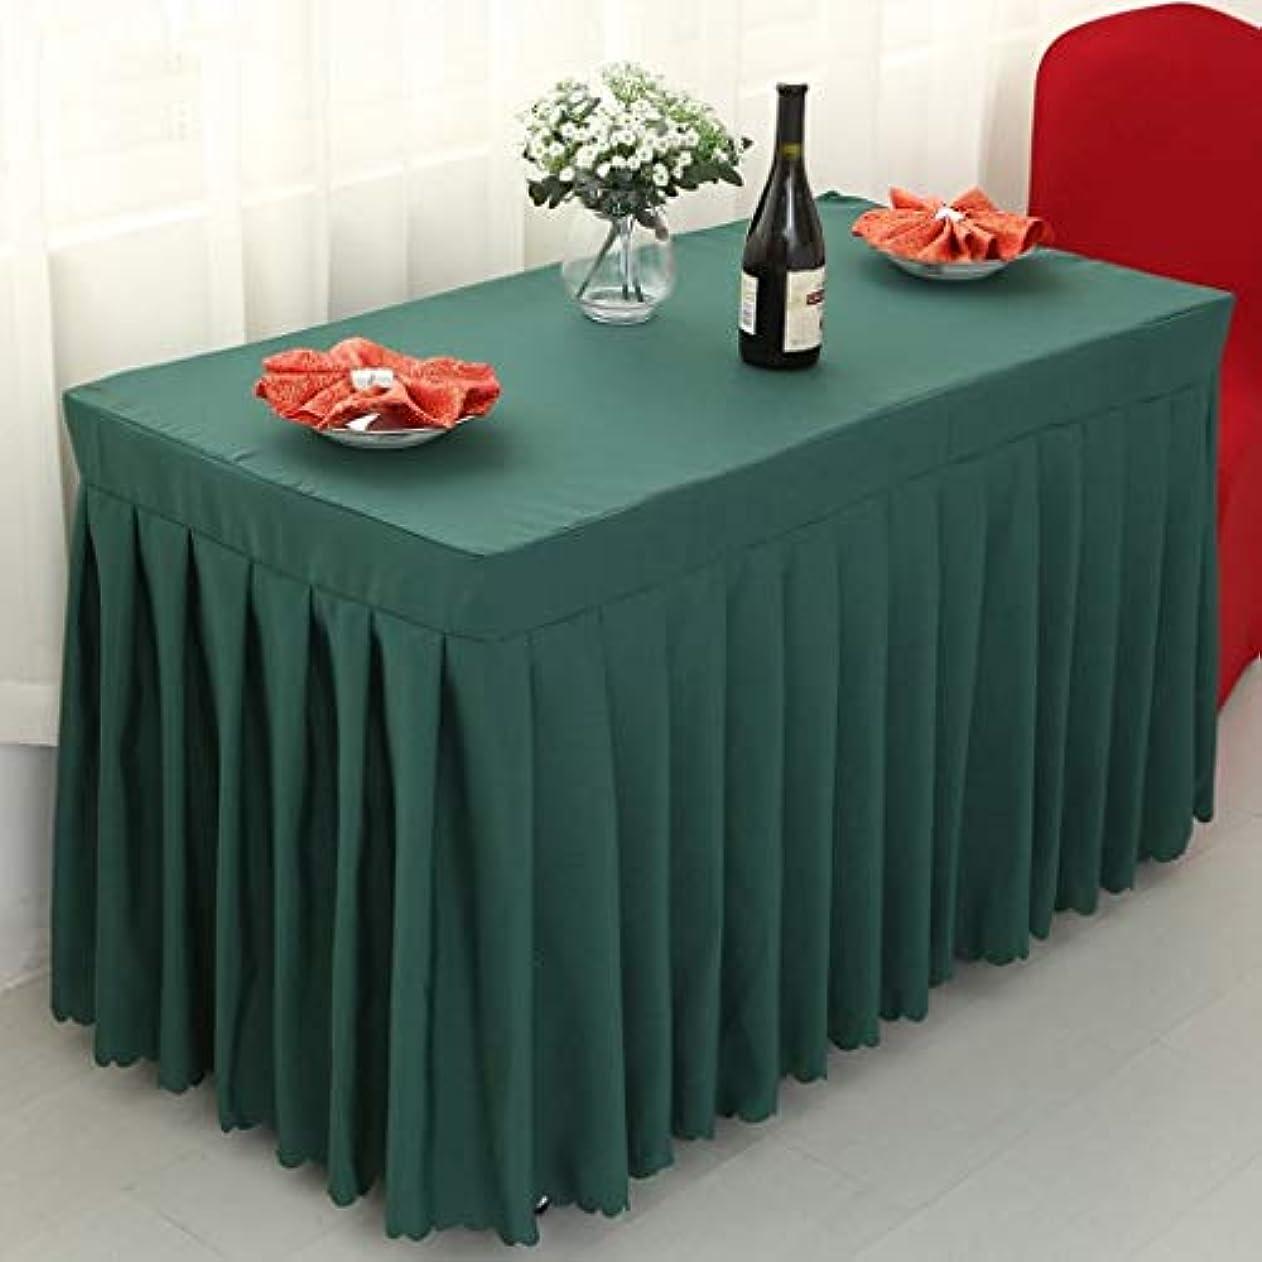 市町村要求するレタスRadviha 表スカートサイズでテーブルクロスホテルの会議テーブルクロスチェック:80 * 160 * 75cmの